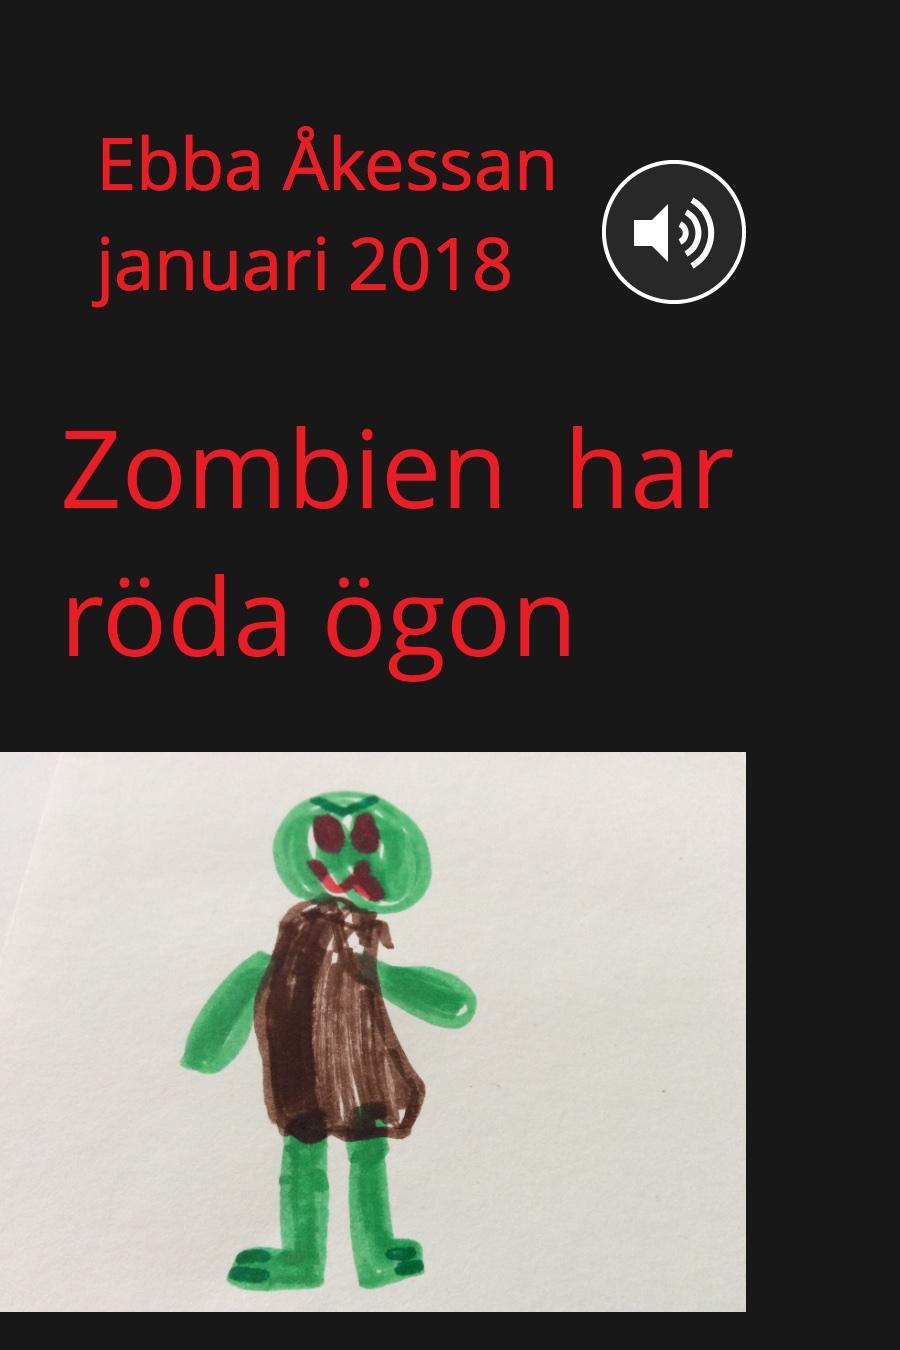 Zombien har röda ögon